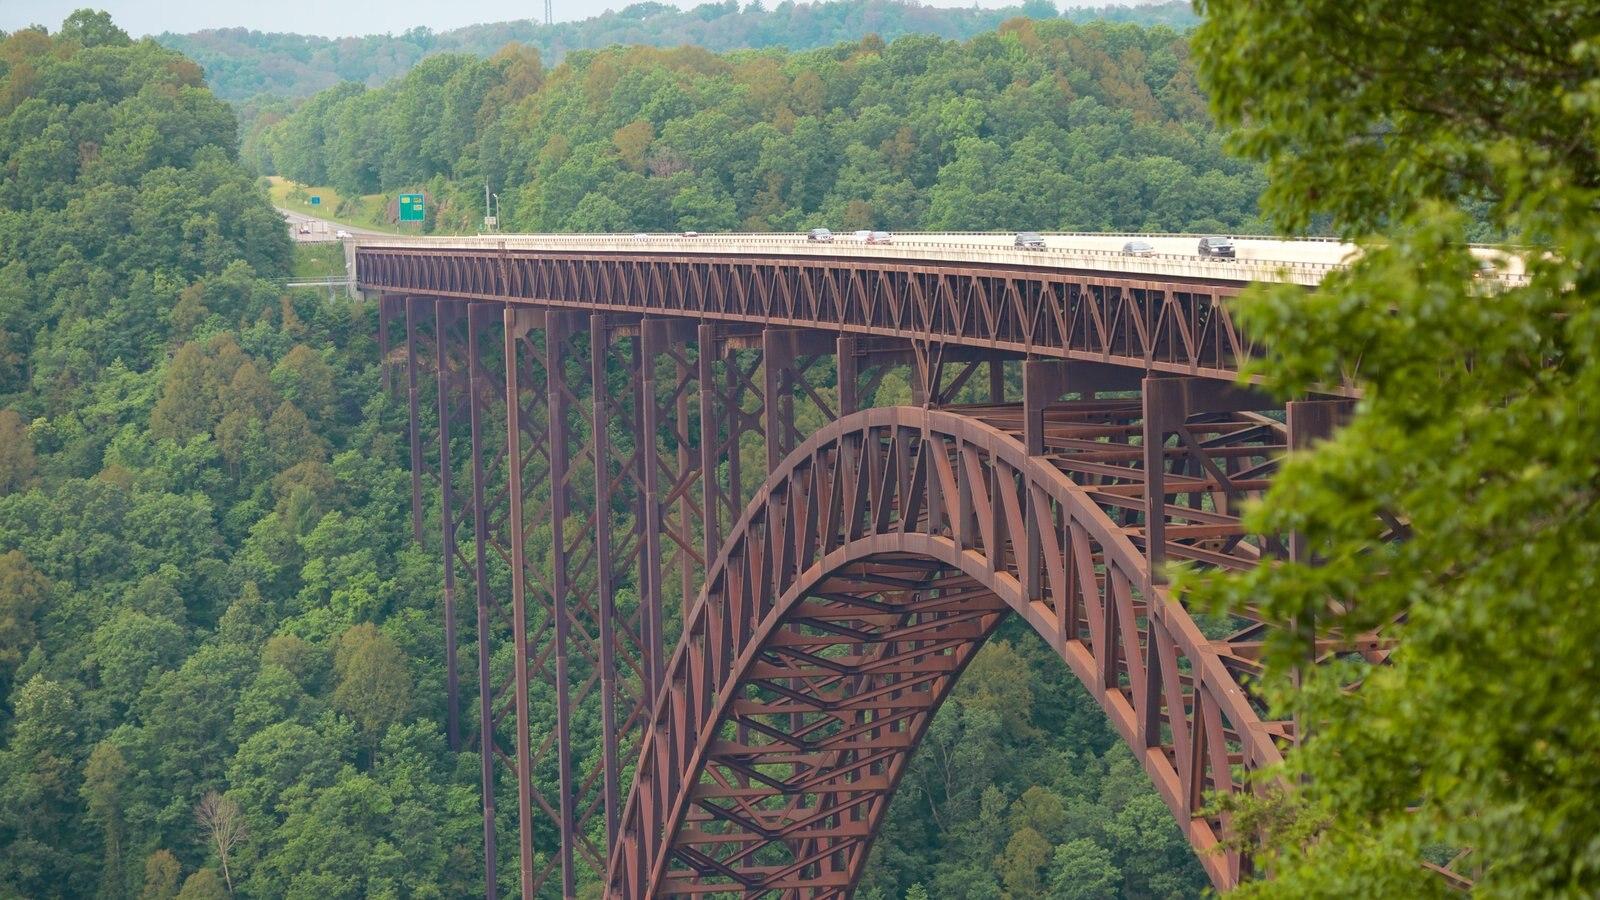 New River Gorge Bridge que incluye un puente, escenas tranquilas y un barranco o cañón